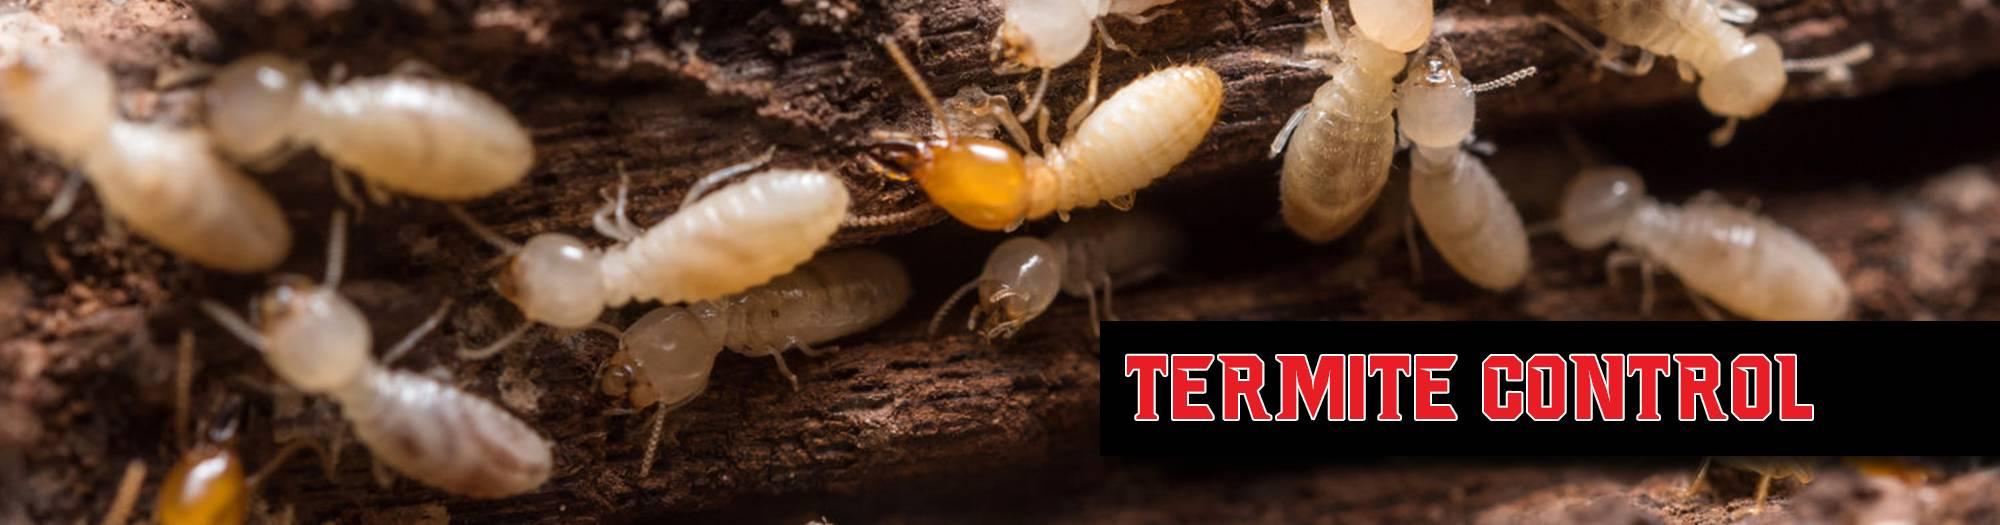 Termite control Best Pest Control Casper WY